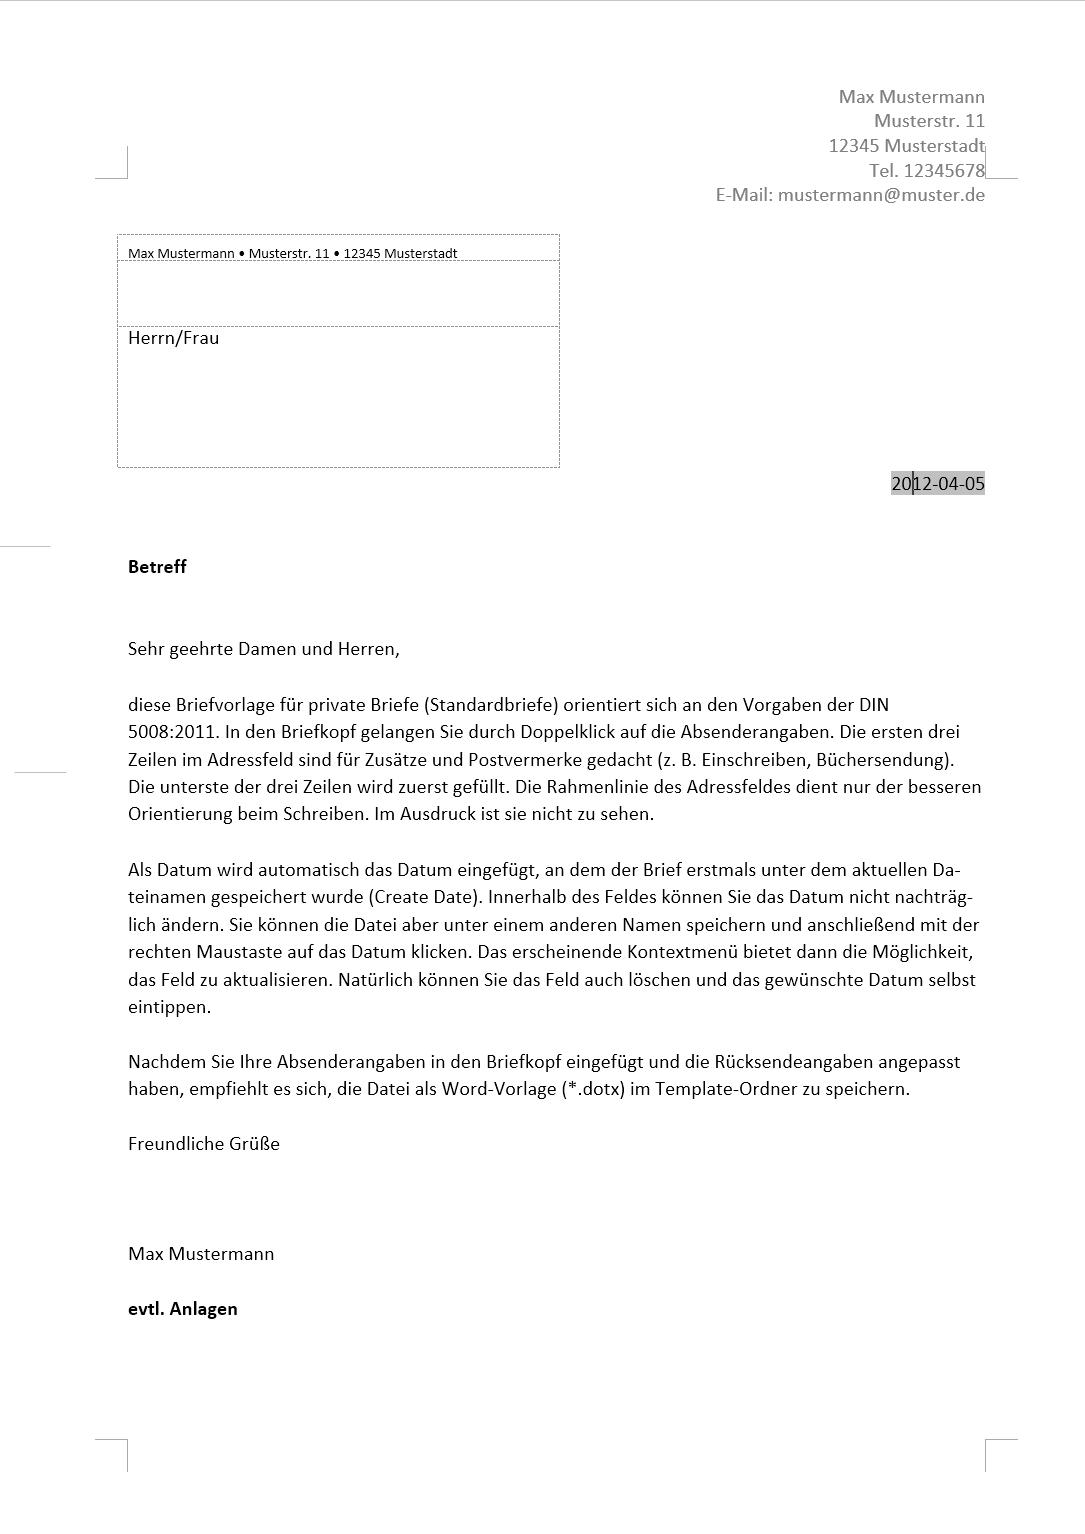 Briefvorlage für Standardbriefe